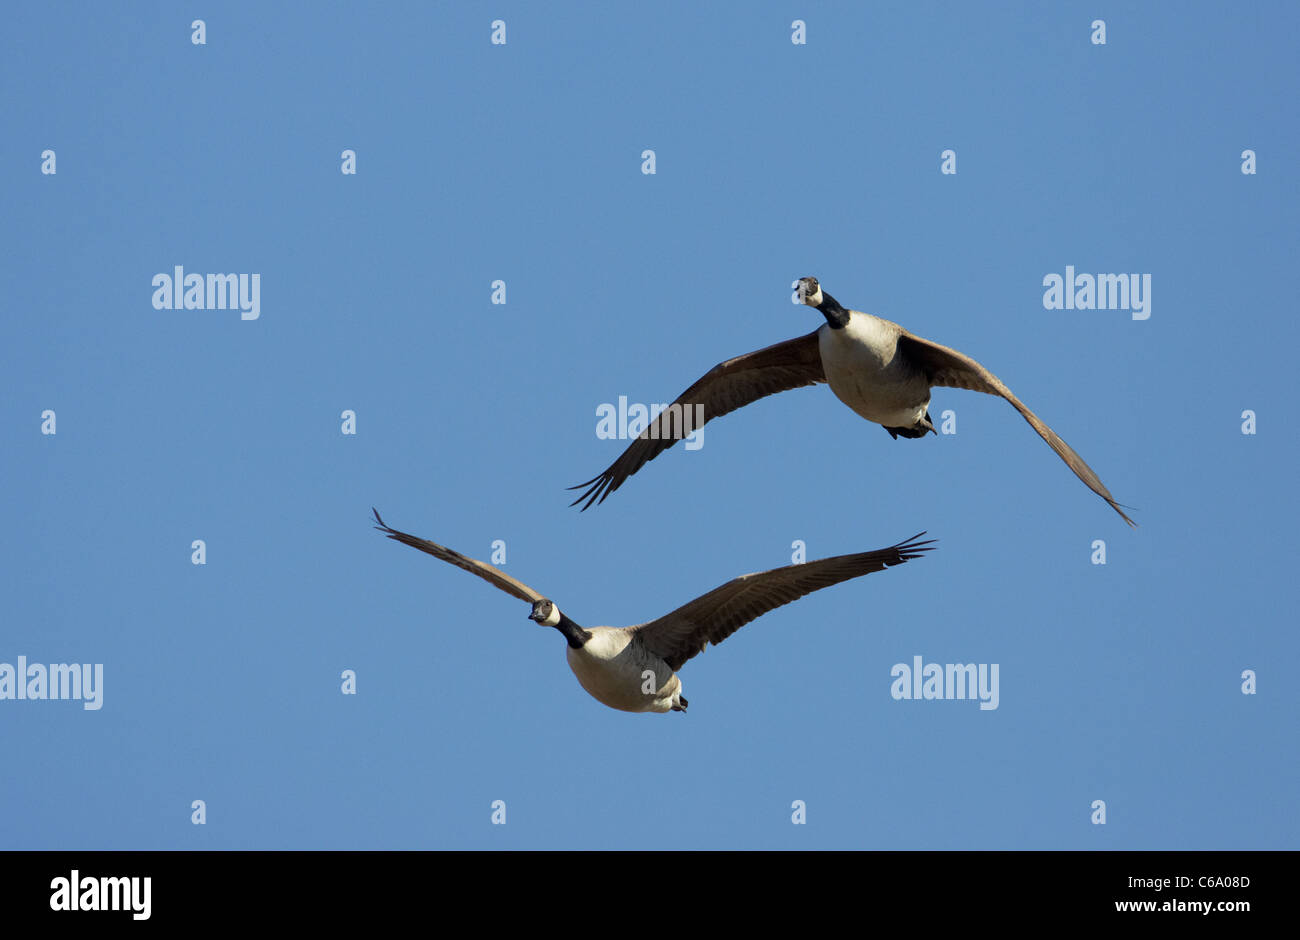 Kanadagans (Branta Canadensis), paar auf der Flucht. Stockbild